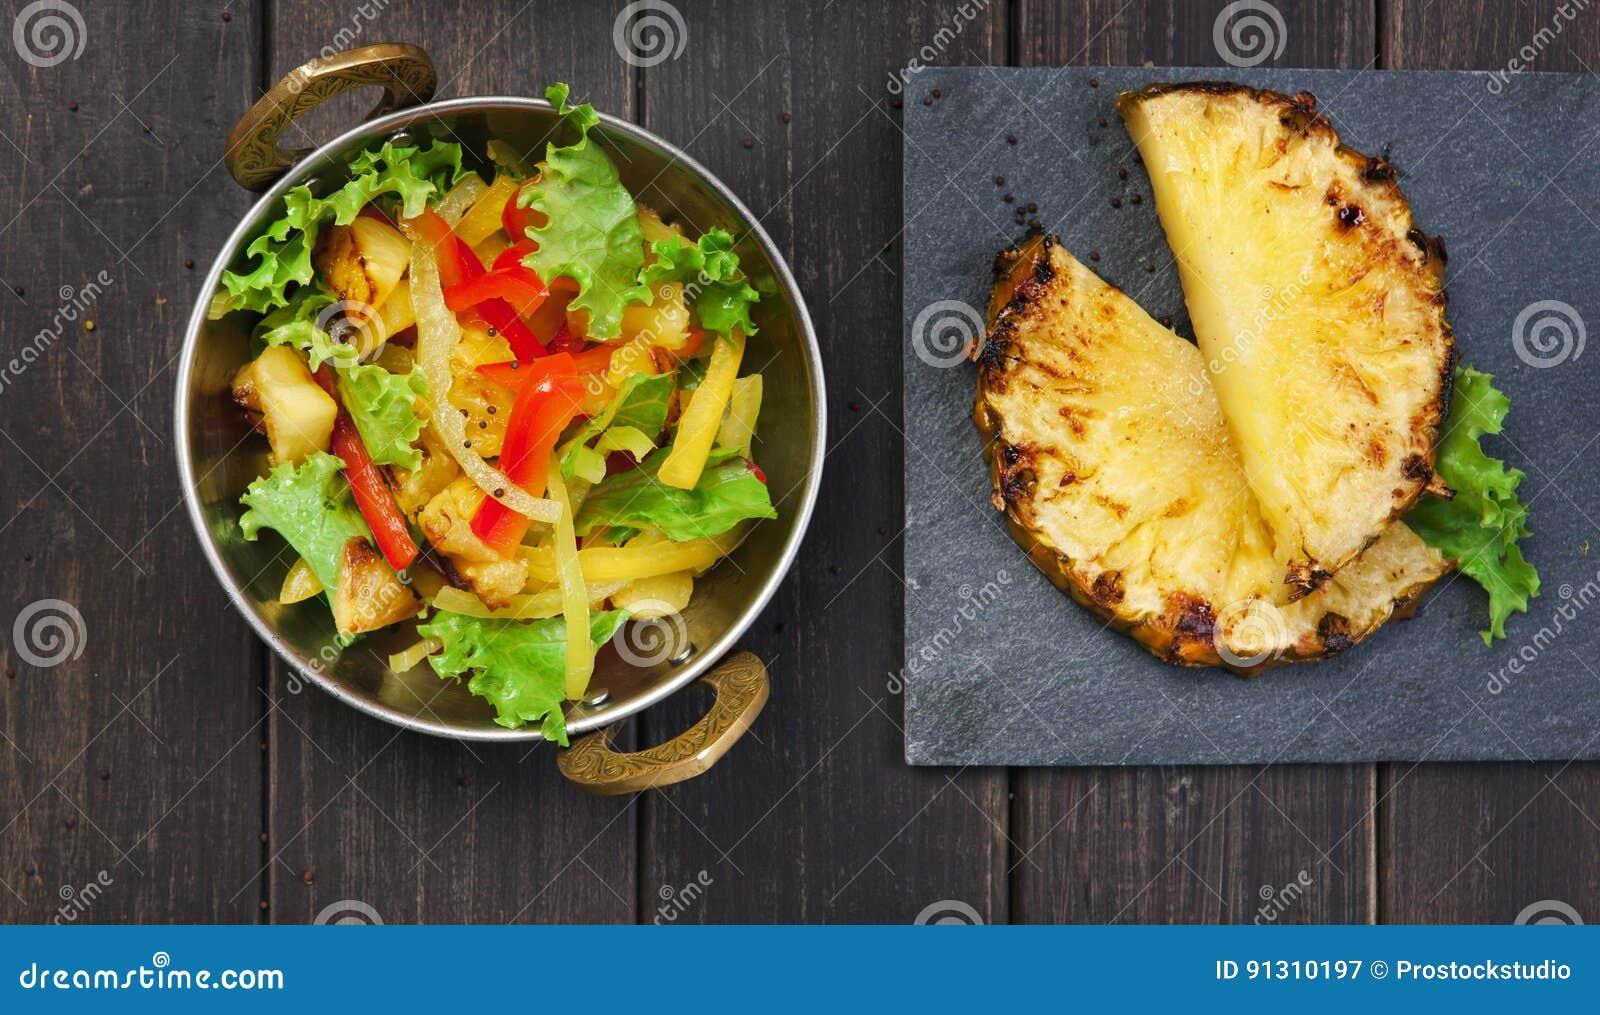 Awesome Indische Küche Vegetarisch Gallery - Home Design Ideas ...